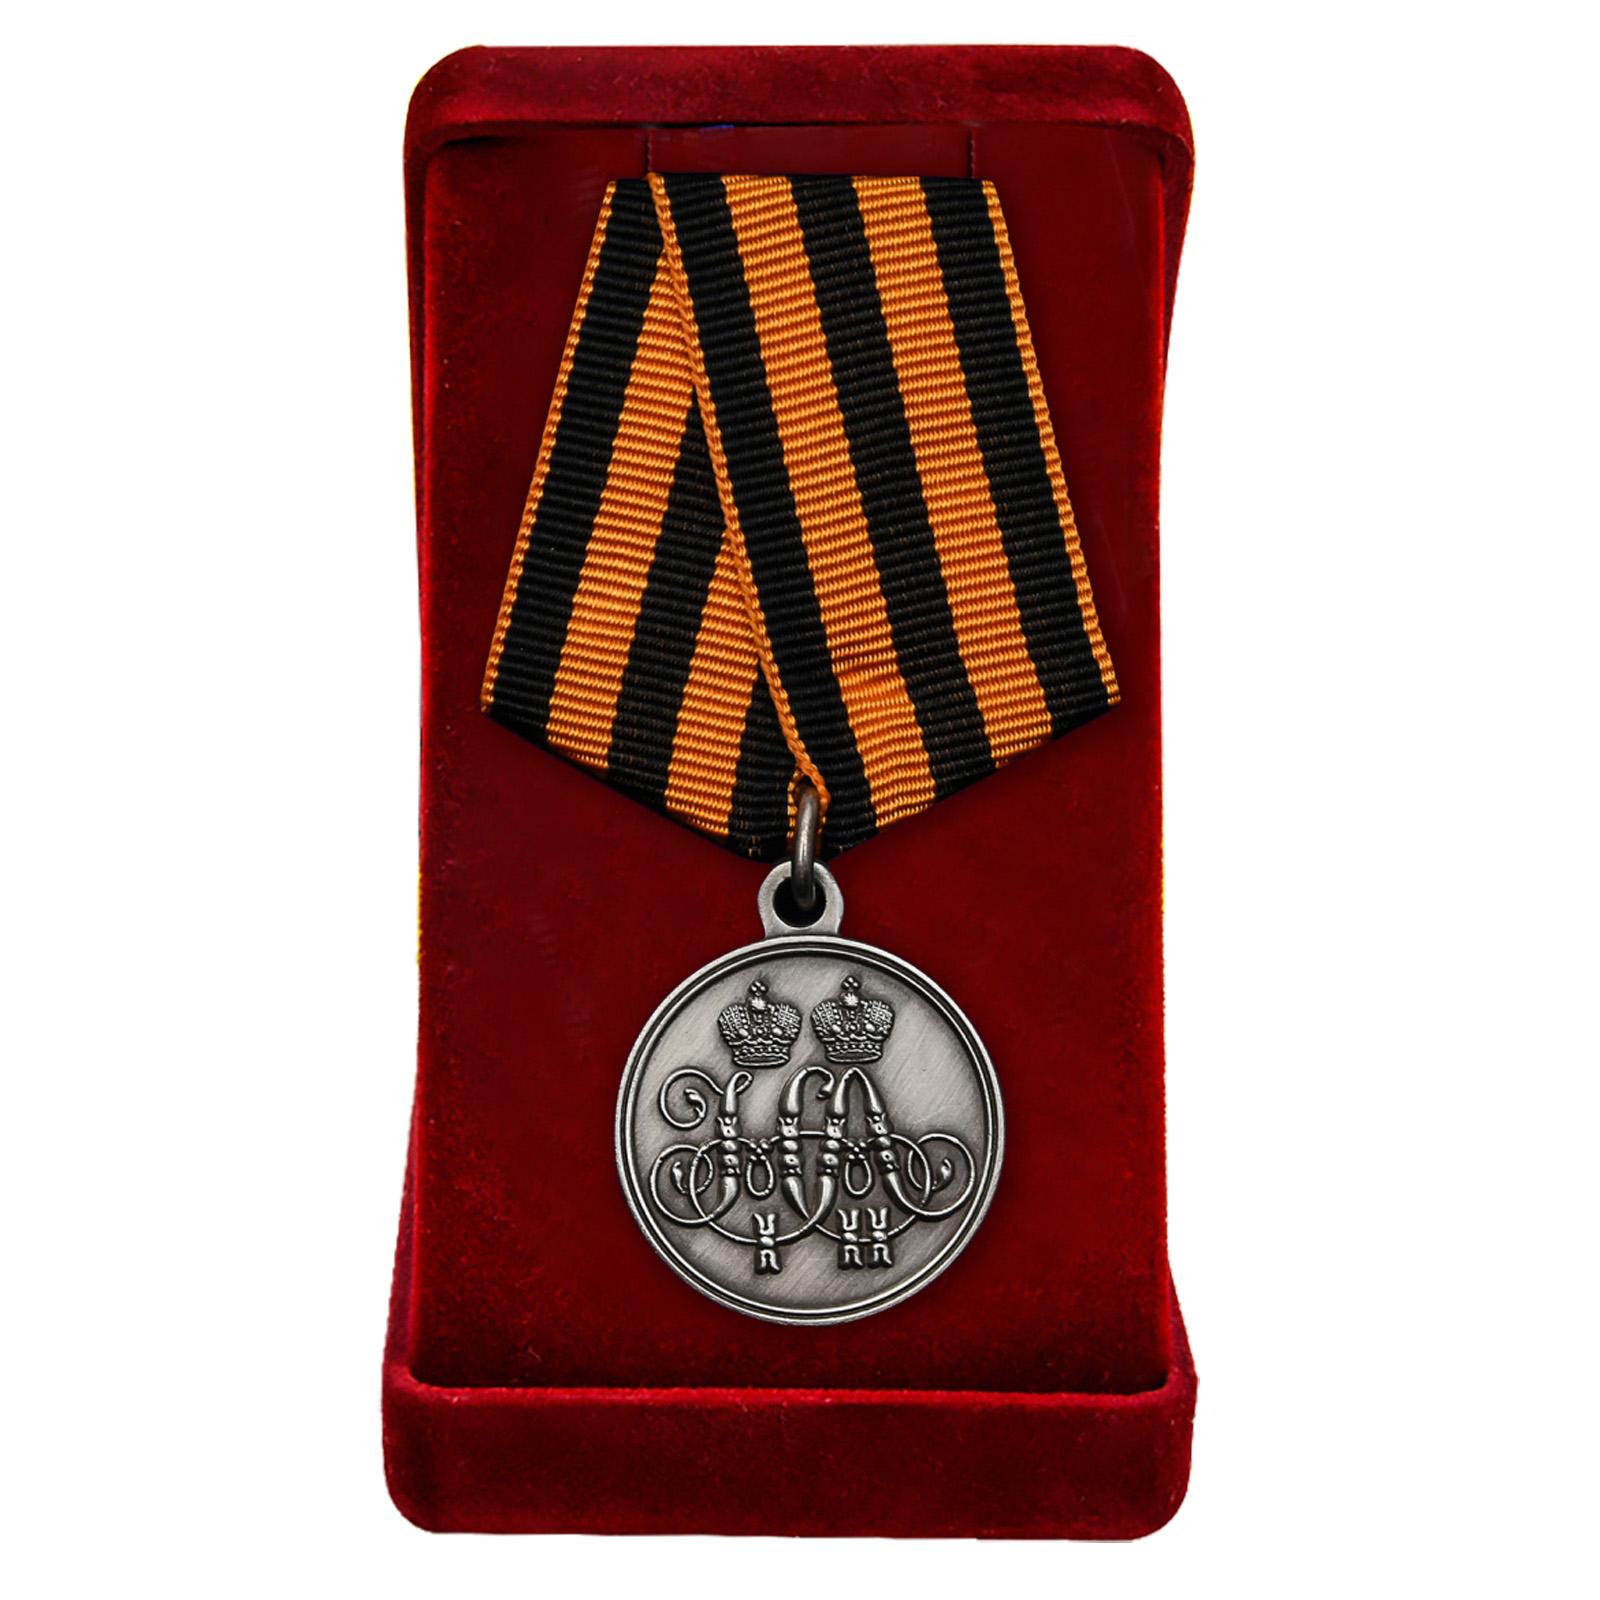 Купить памятную медаль За защиту Севастополя 1854-1855 гг в подарок